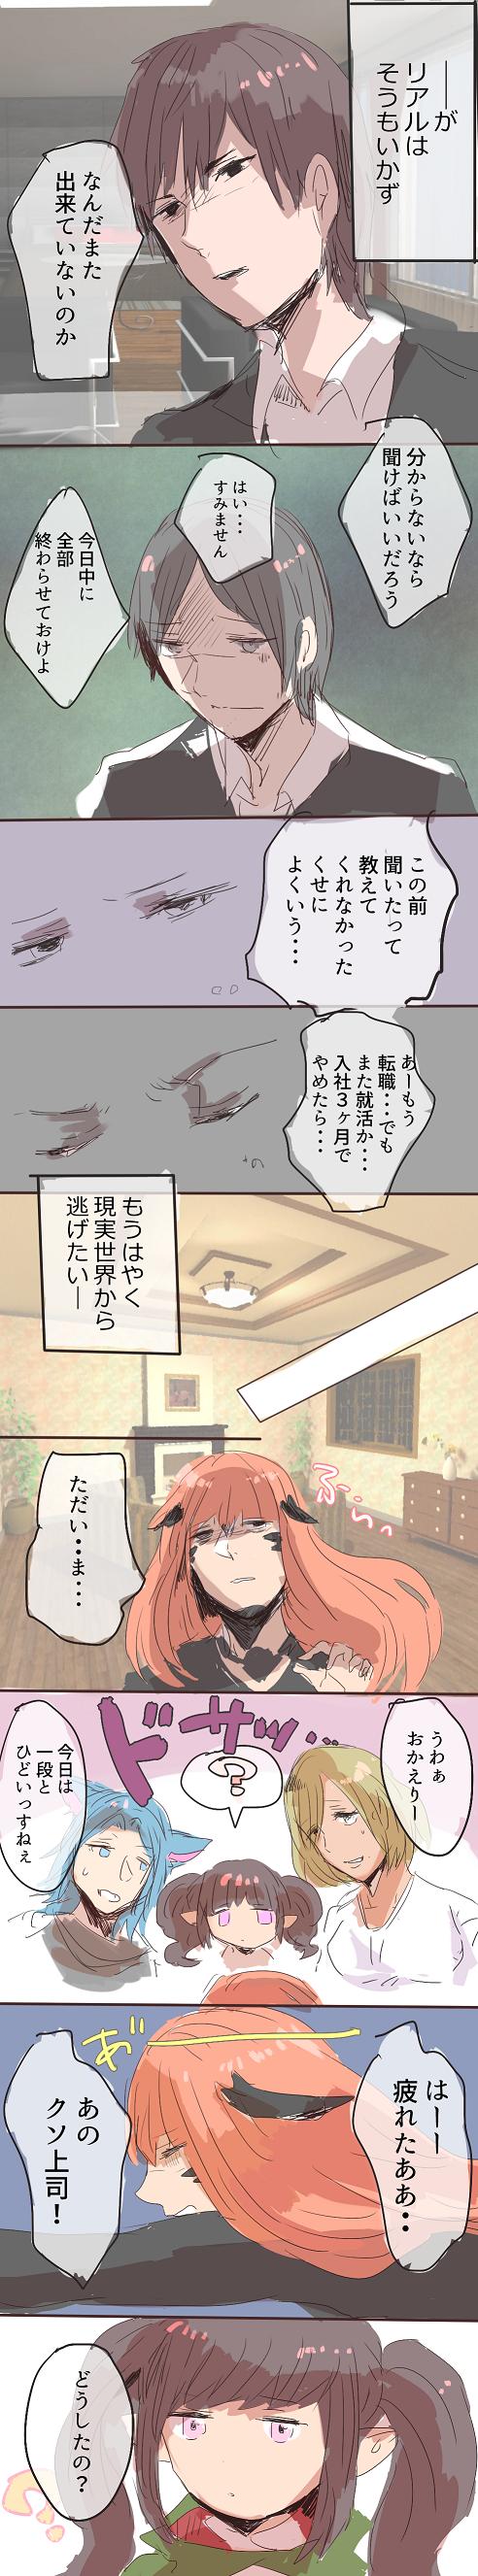 zyousi2-234